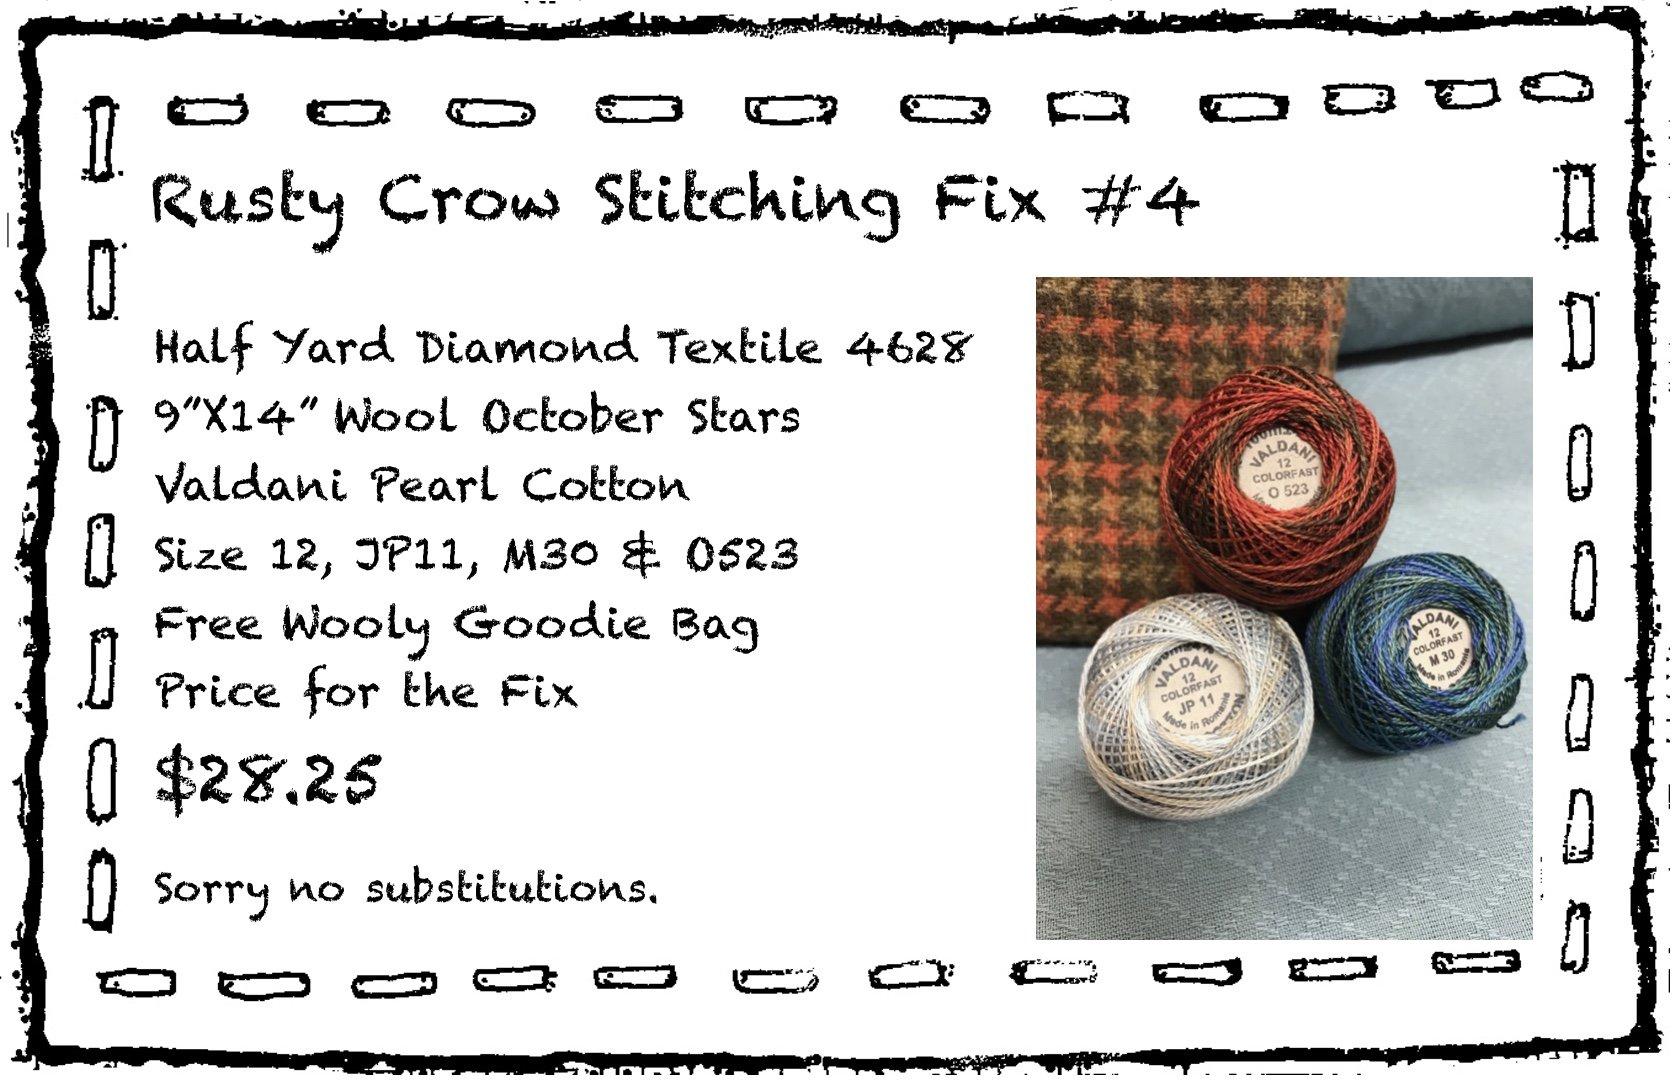 Stitching Fix #4